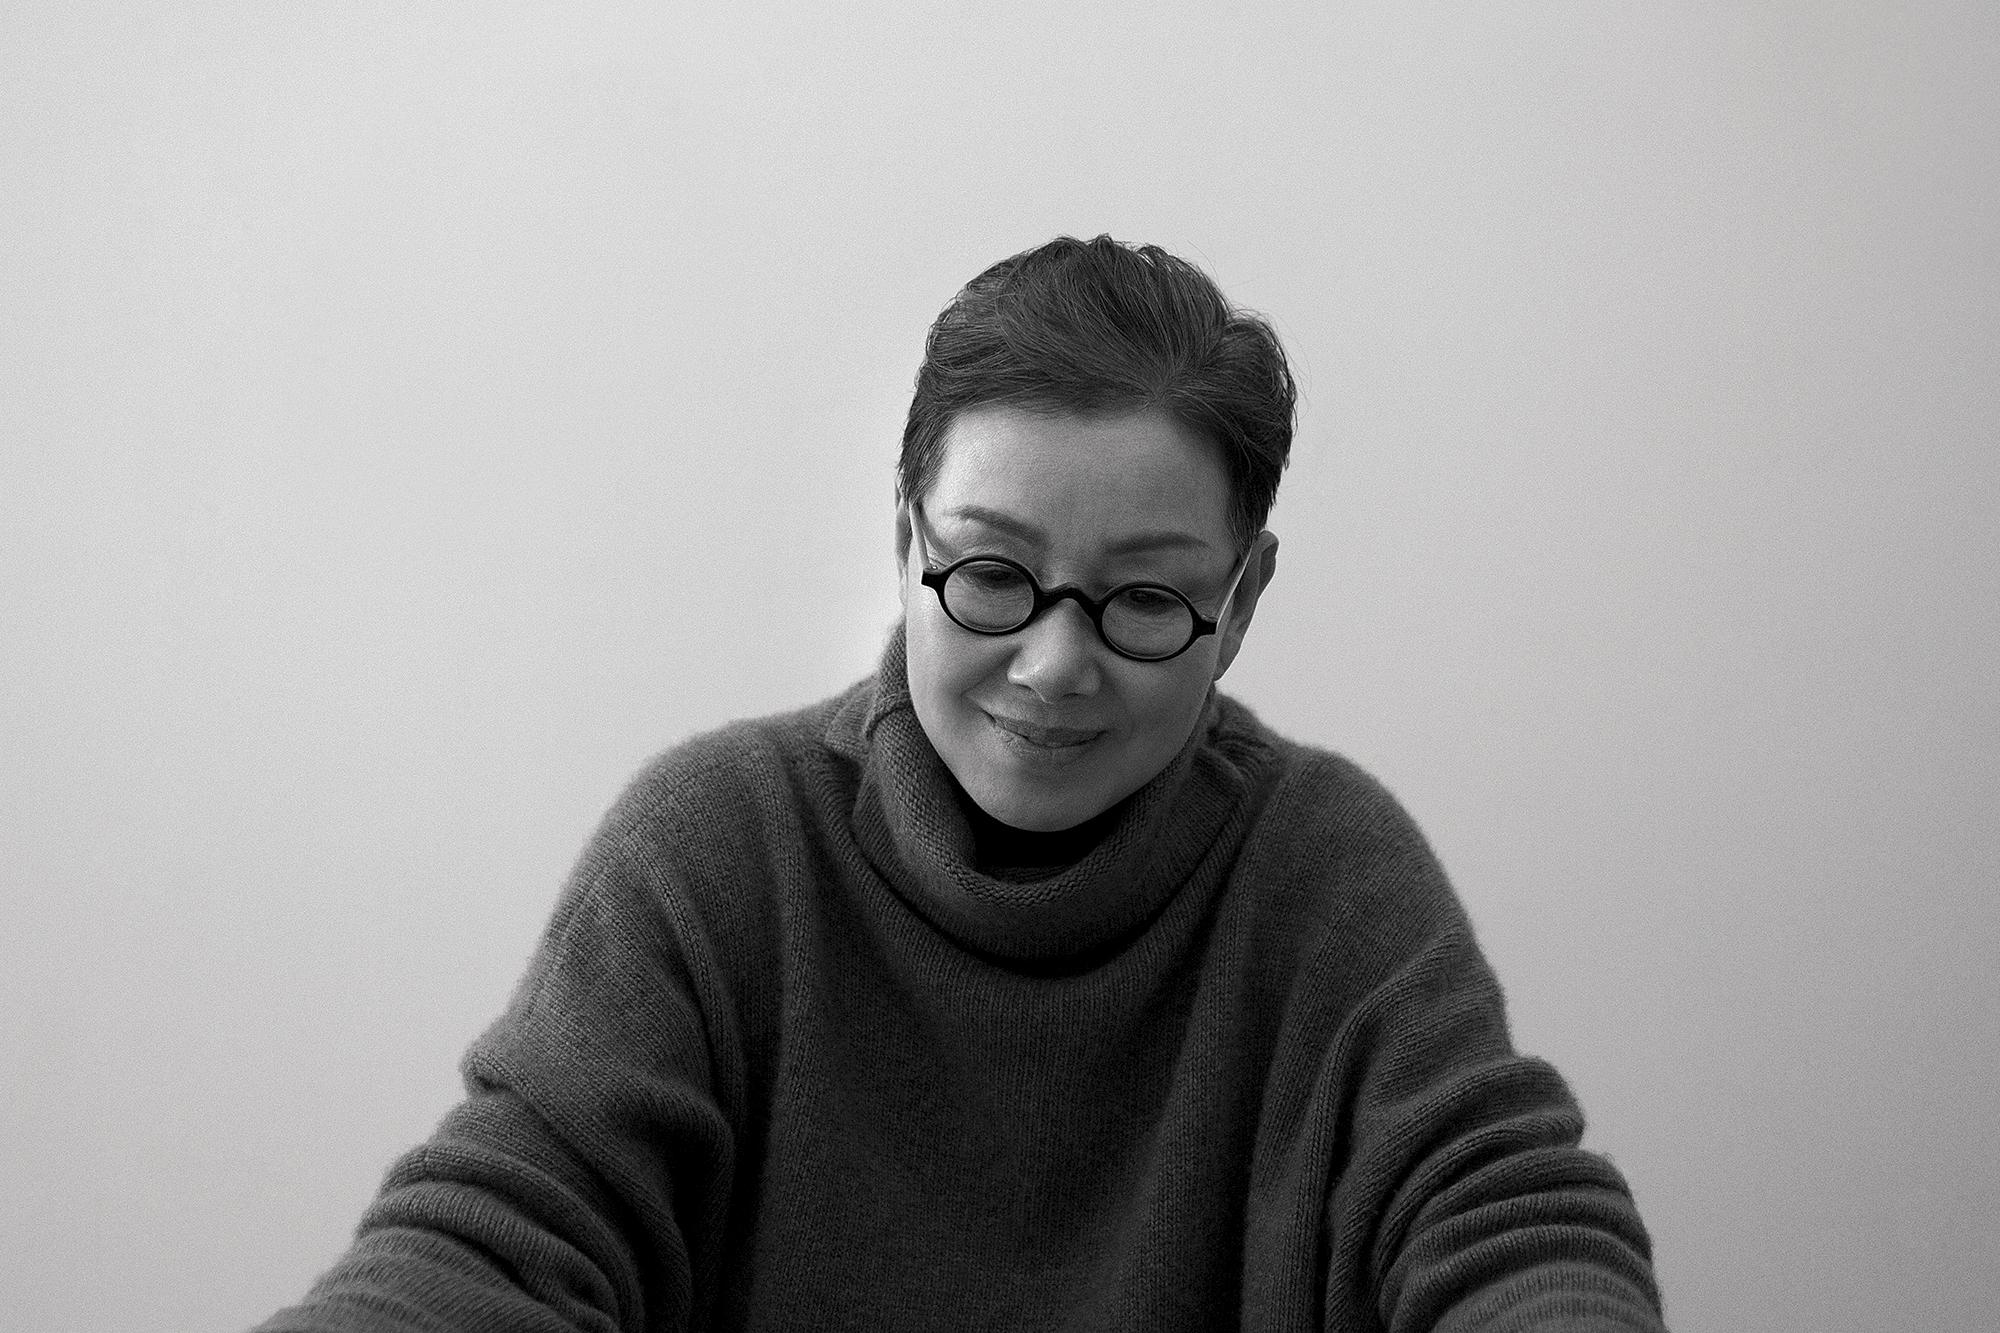 Jae-Eun Choi